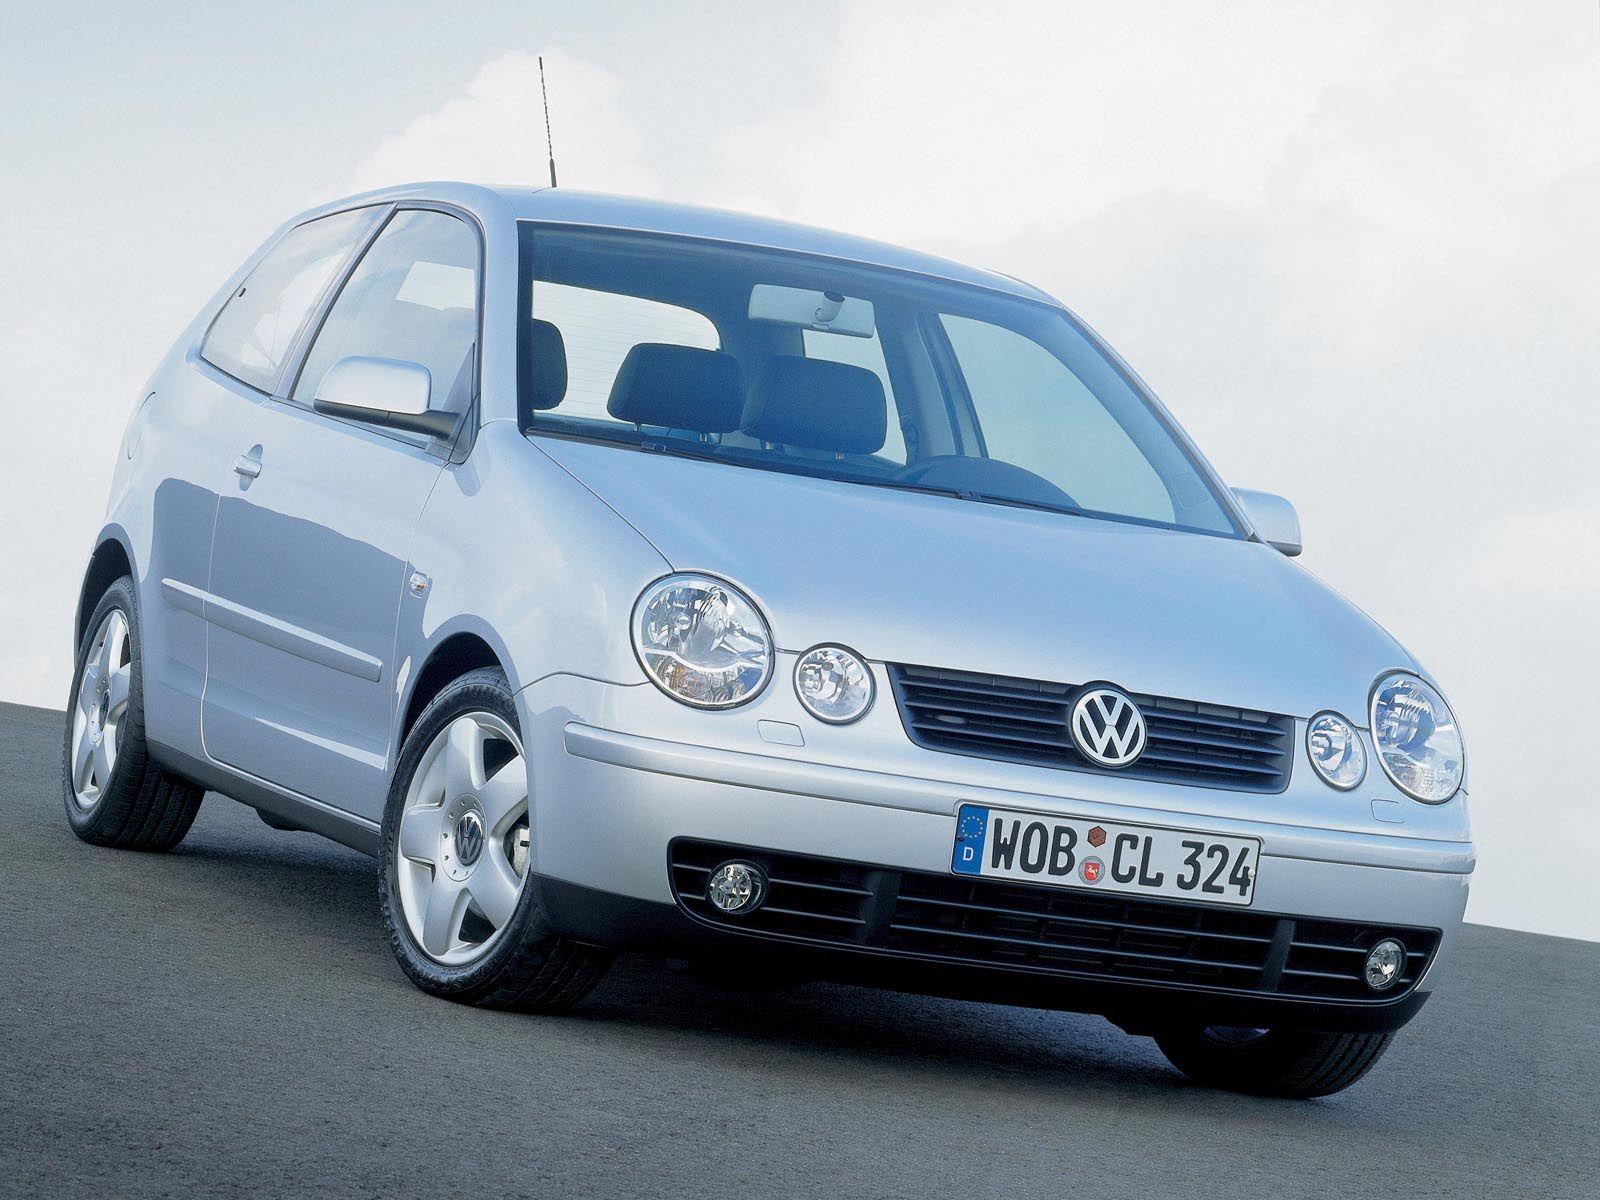 vw polo 4 2002 2009 vw polo vwpolo vw pinterest vw rh pinterest com Volkswagen Caddy MK1 Volkswagen Caddy Truck